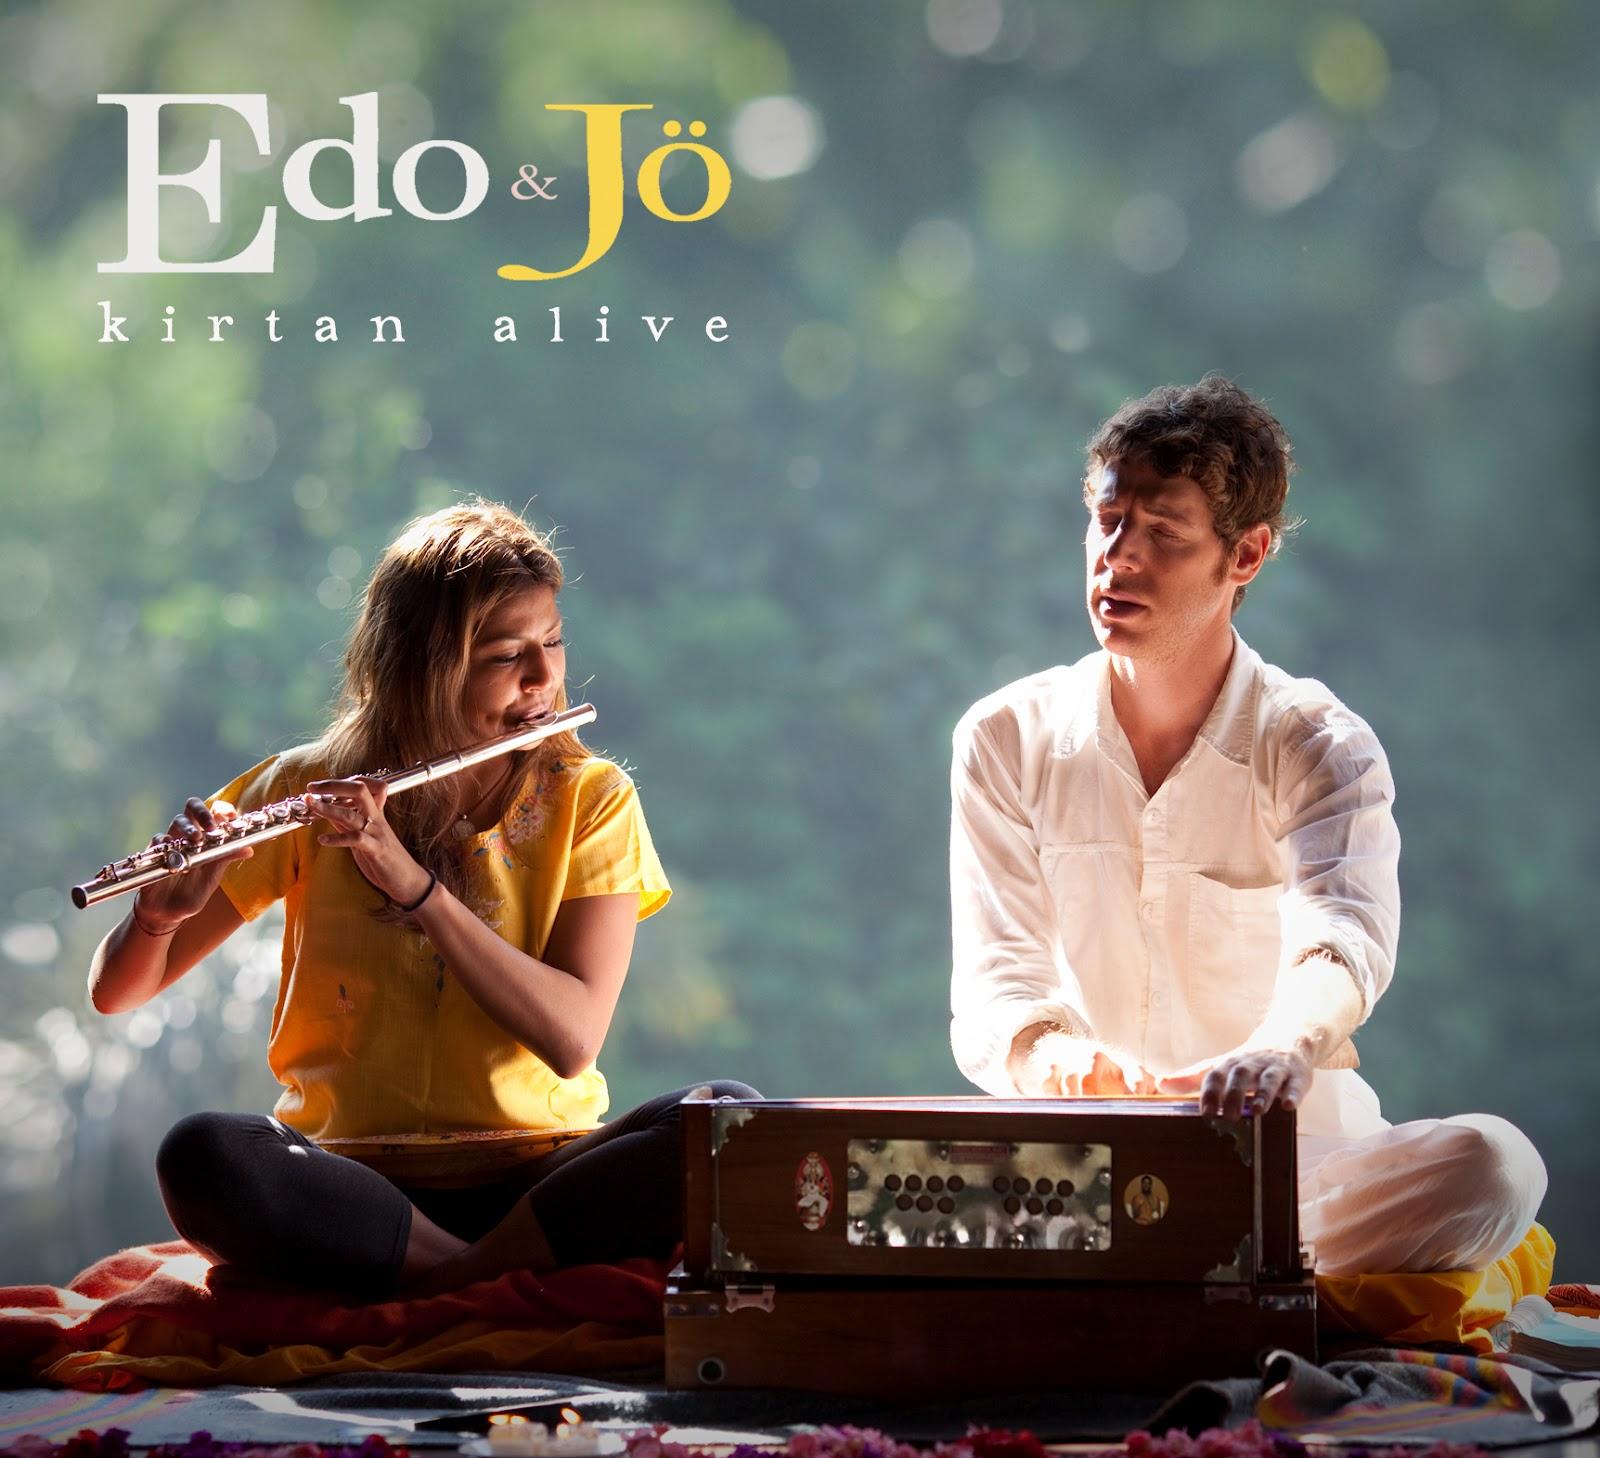 Inside World Music: CD Review: Edo & Jo's 'Kirtan Alive